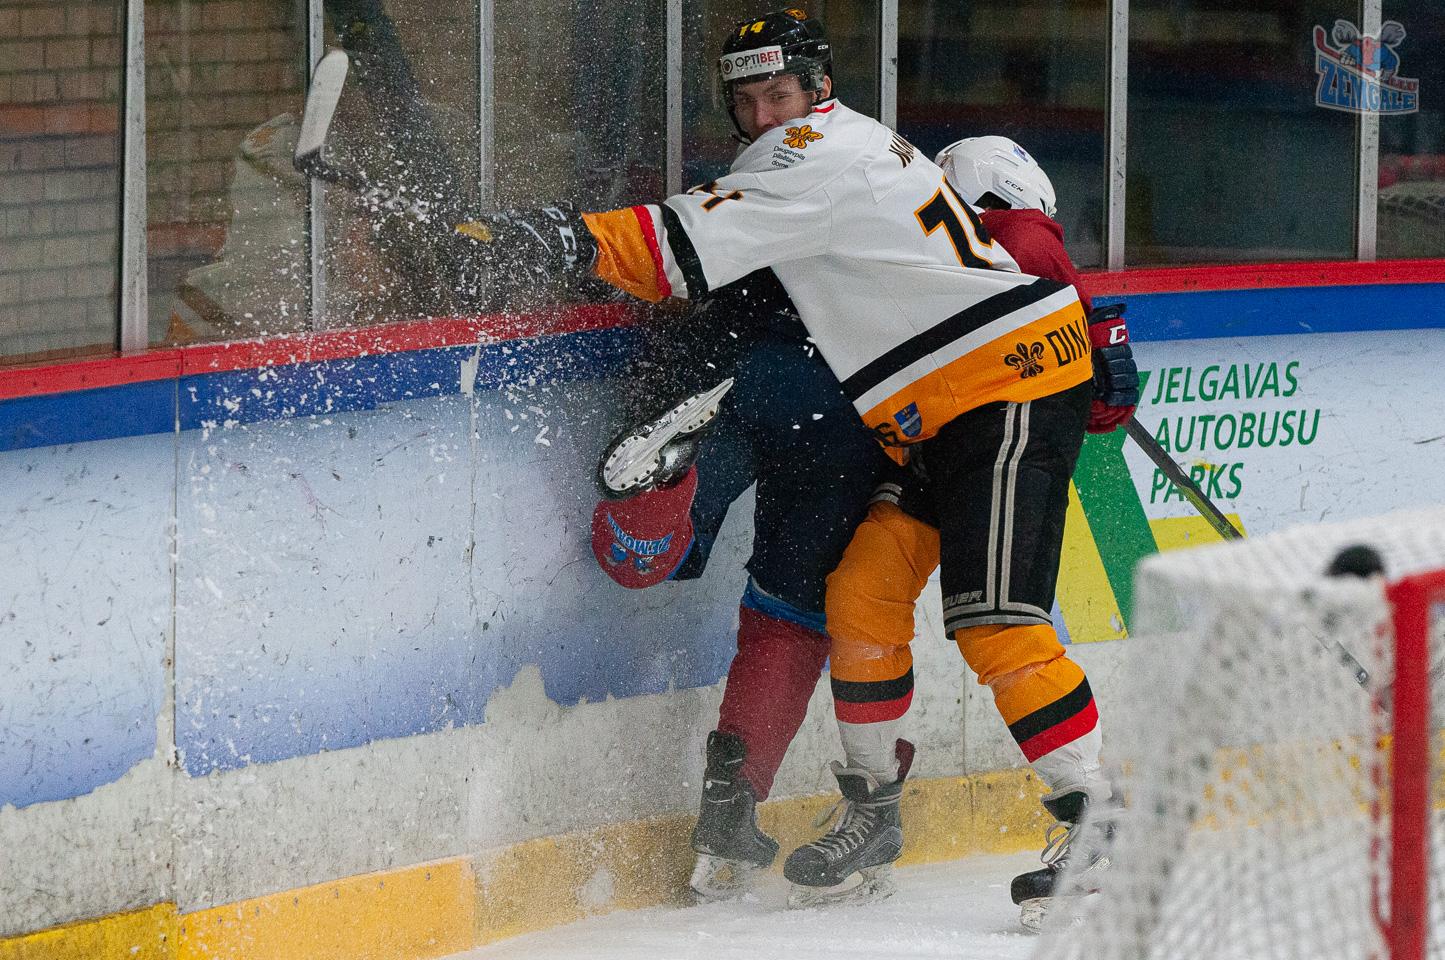 Hokejists triec bortā pretinieku, saceļot sniega pikas